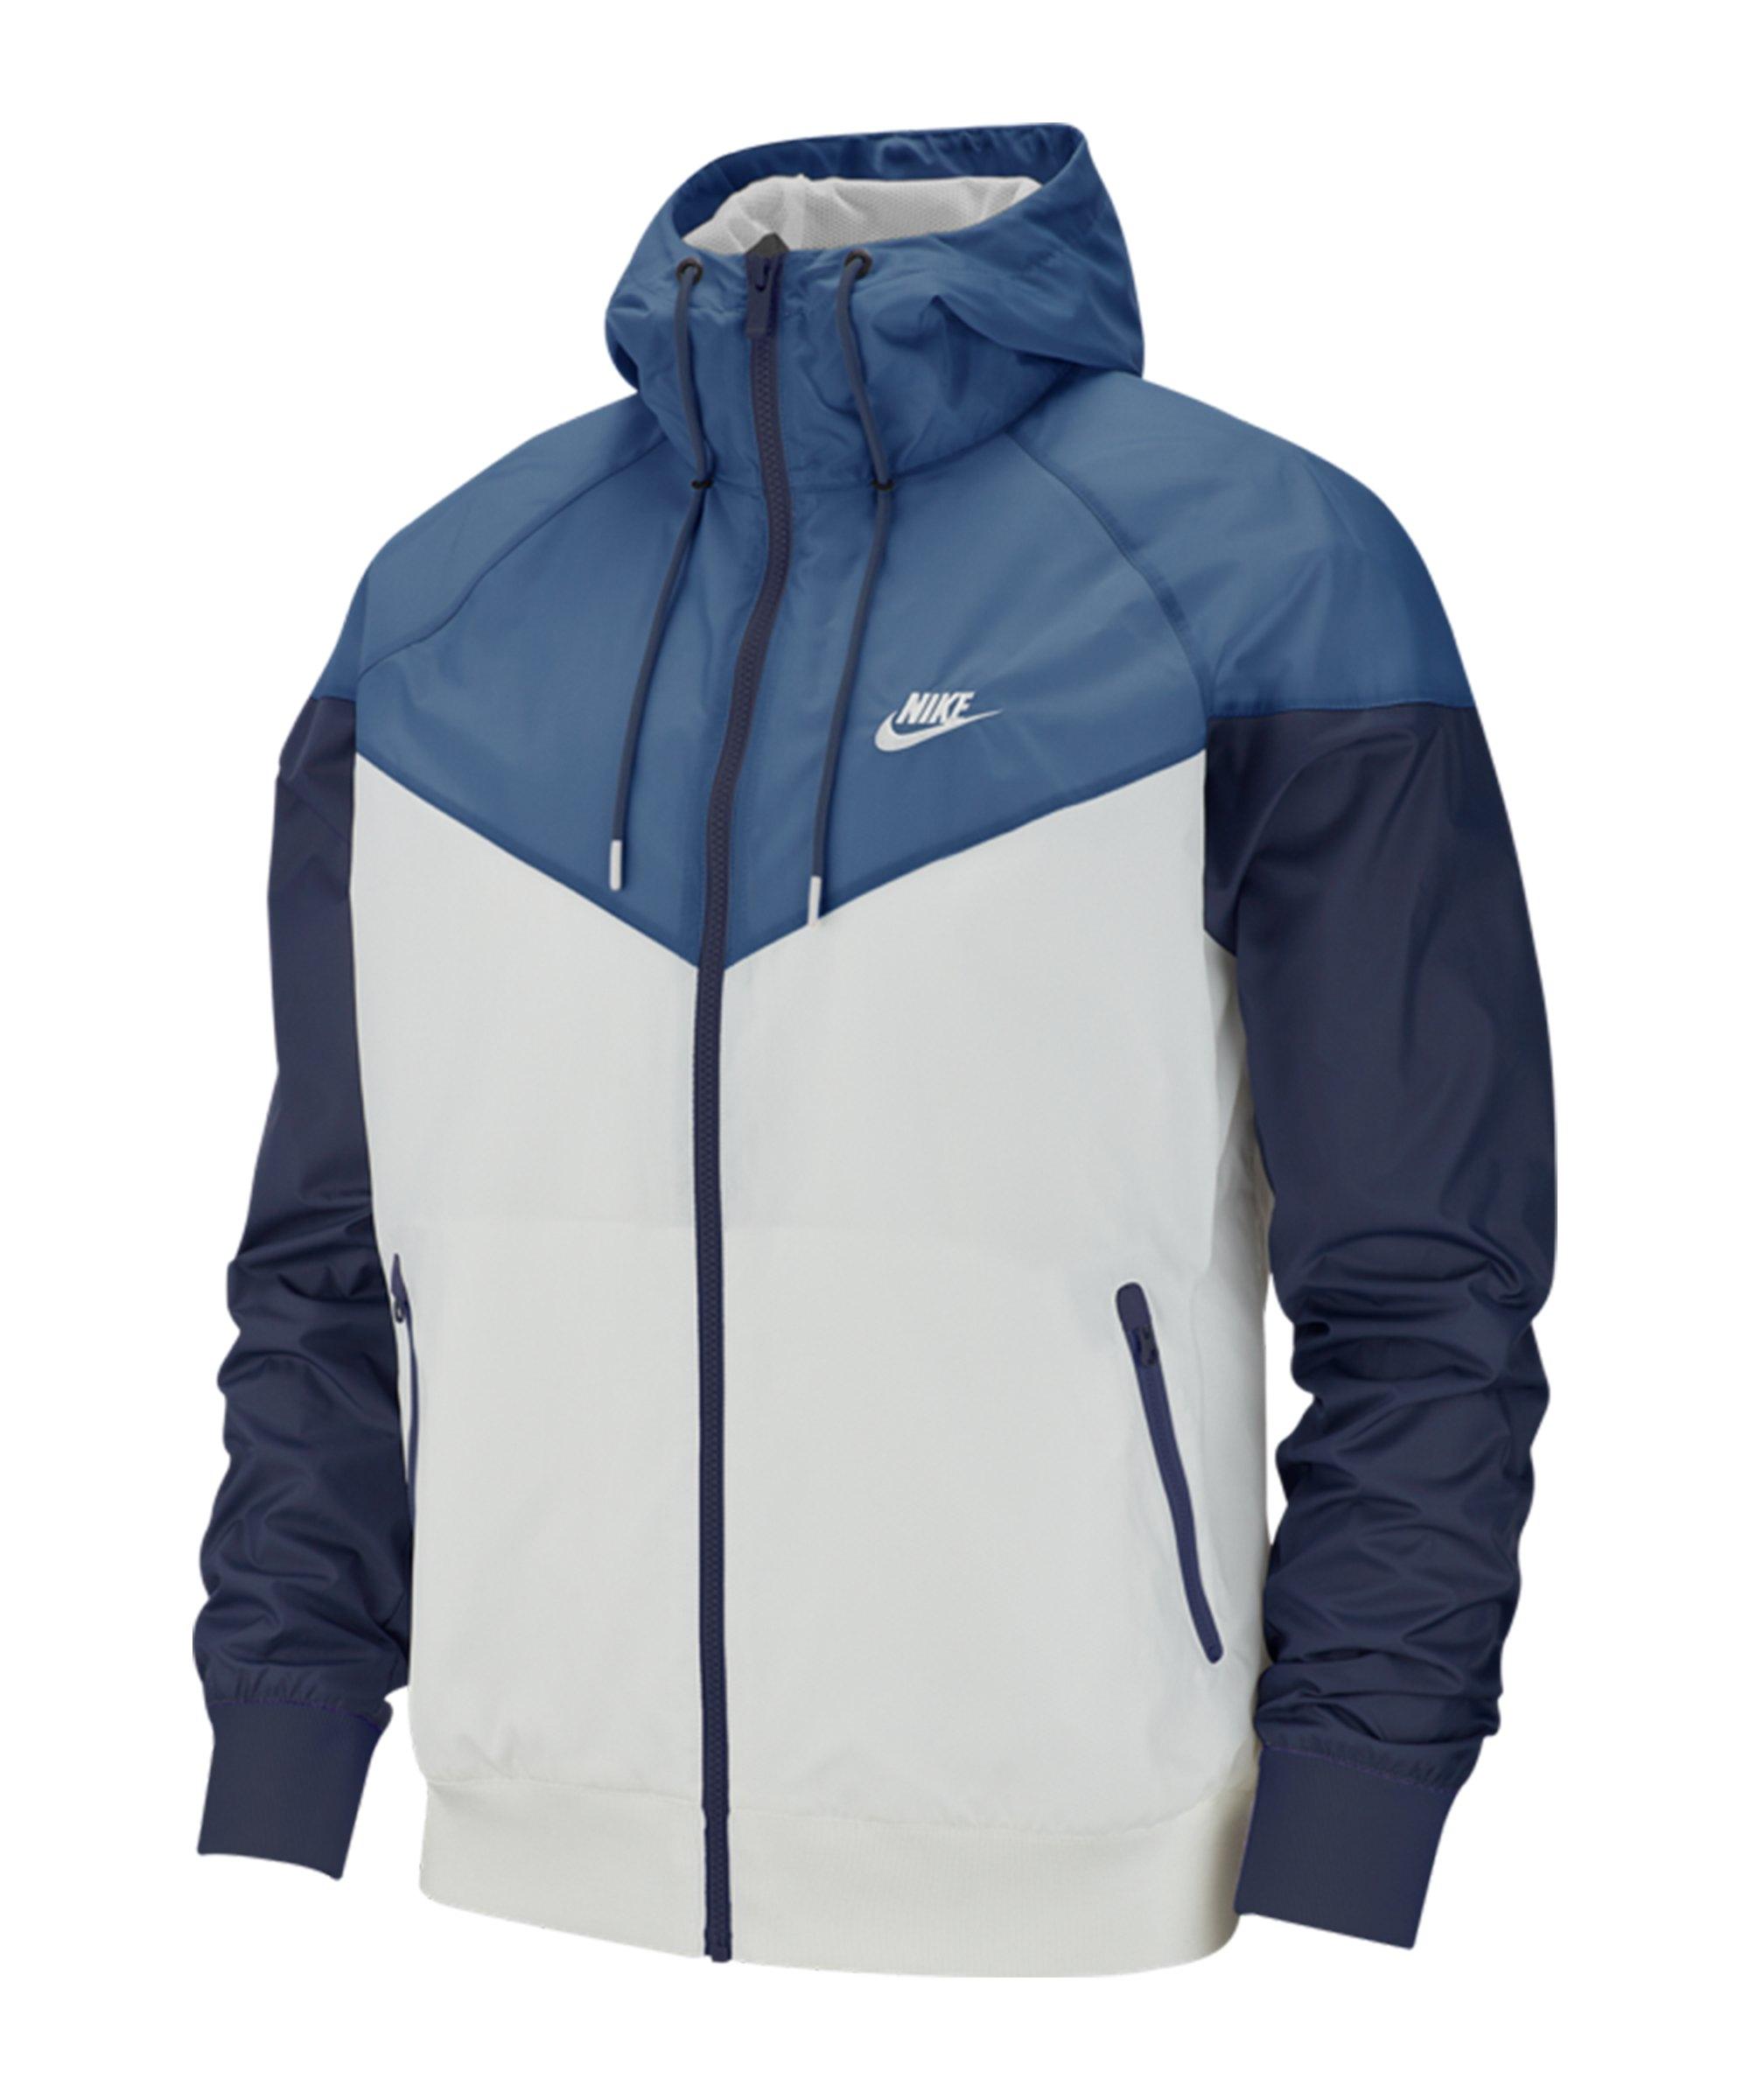 Nike Windrunner Kapuzenjacke Blau F028 - blau